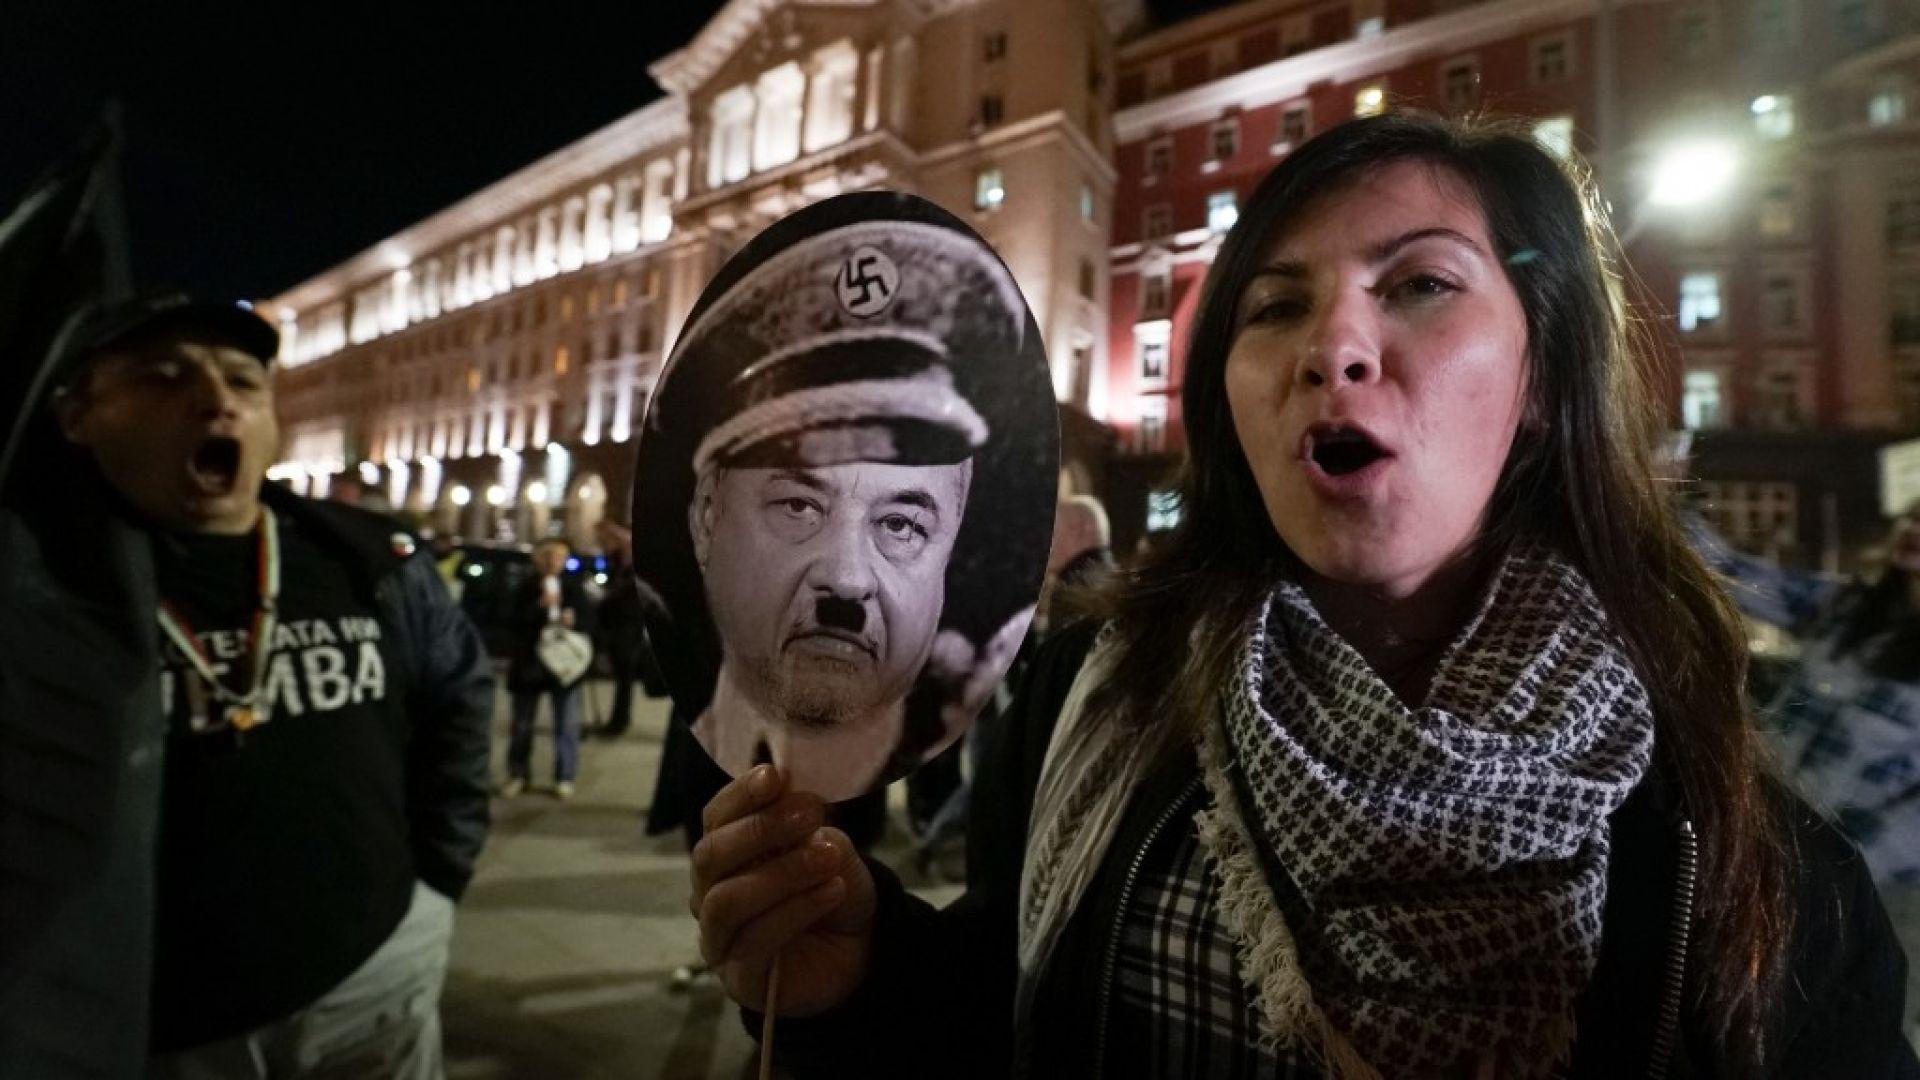 15-и ден протести: Автошествие блокира центъра на София